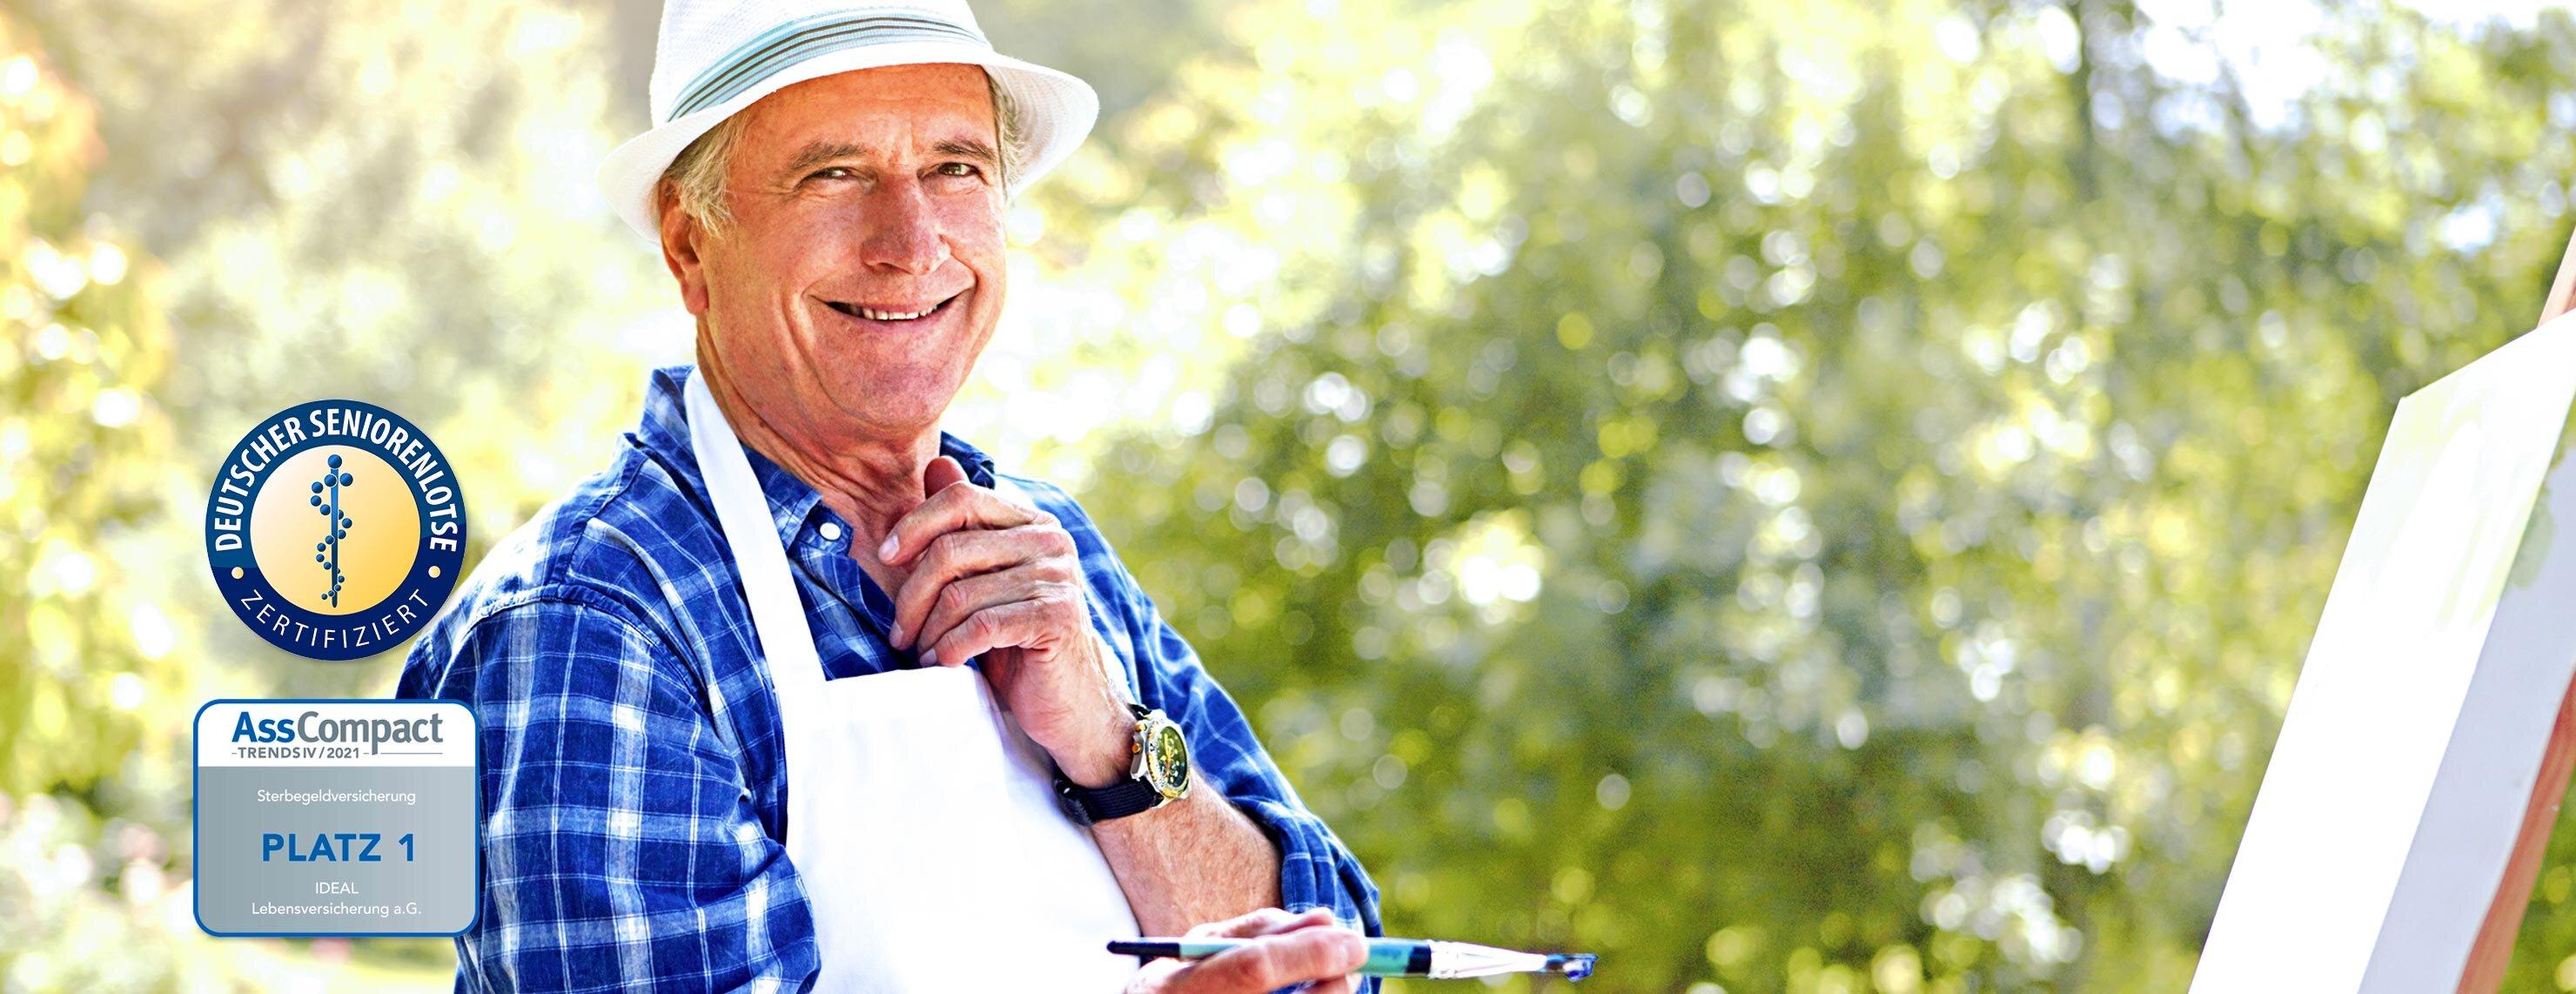 IDEAL Sterbegeldversicherung ohne Gesundheitsprüfung: älterer Herr mit Pinsel vor einer Leinwand